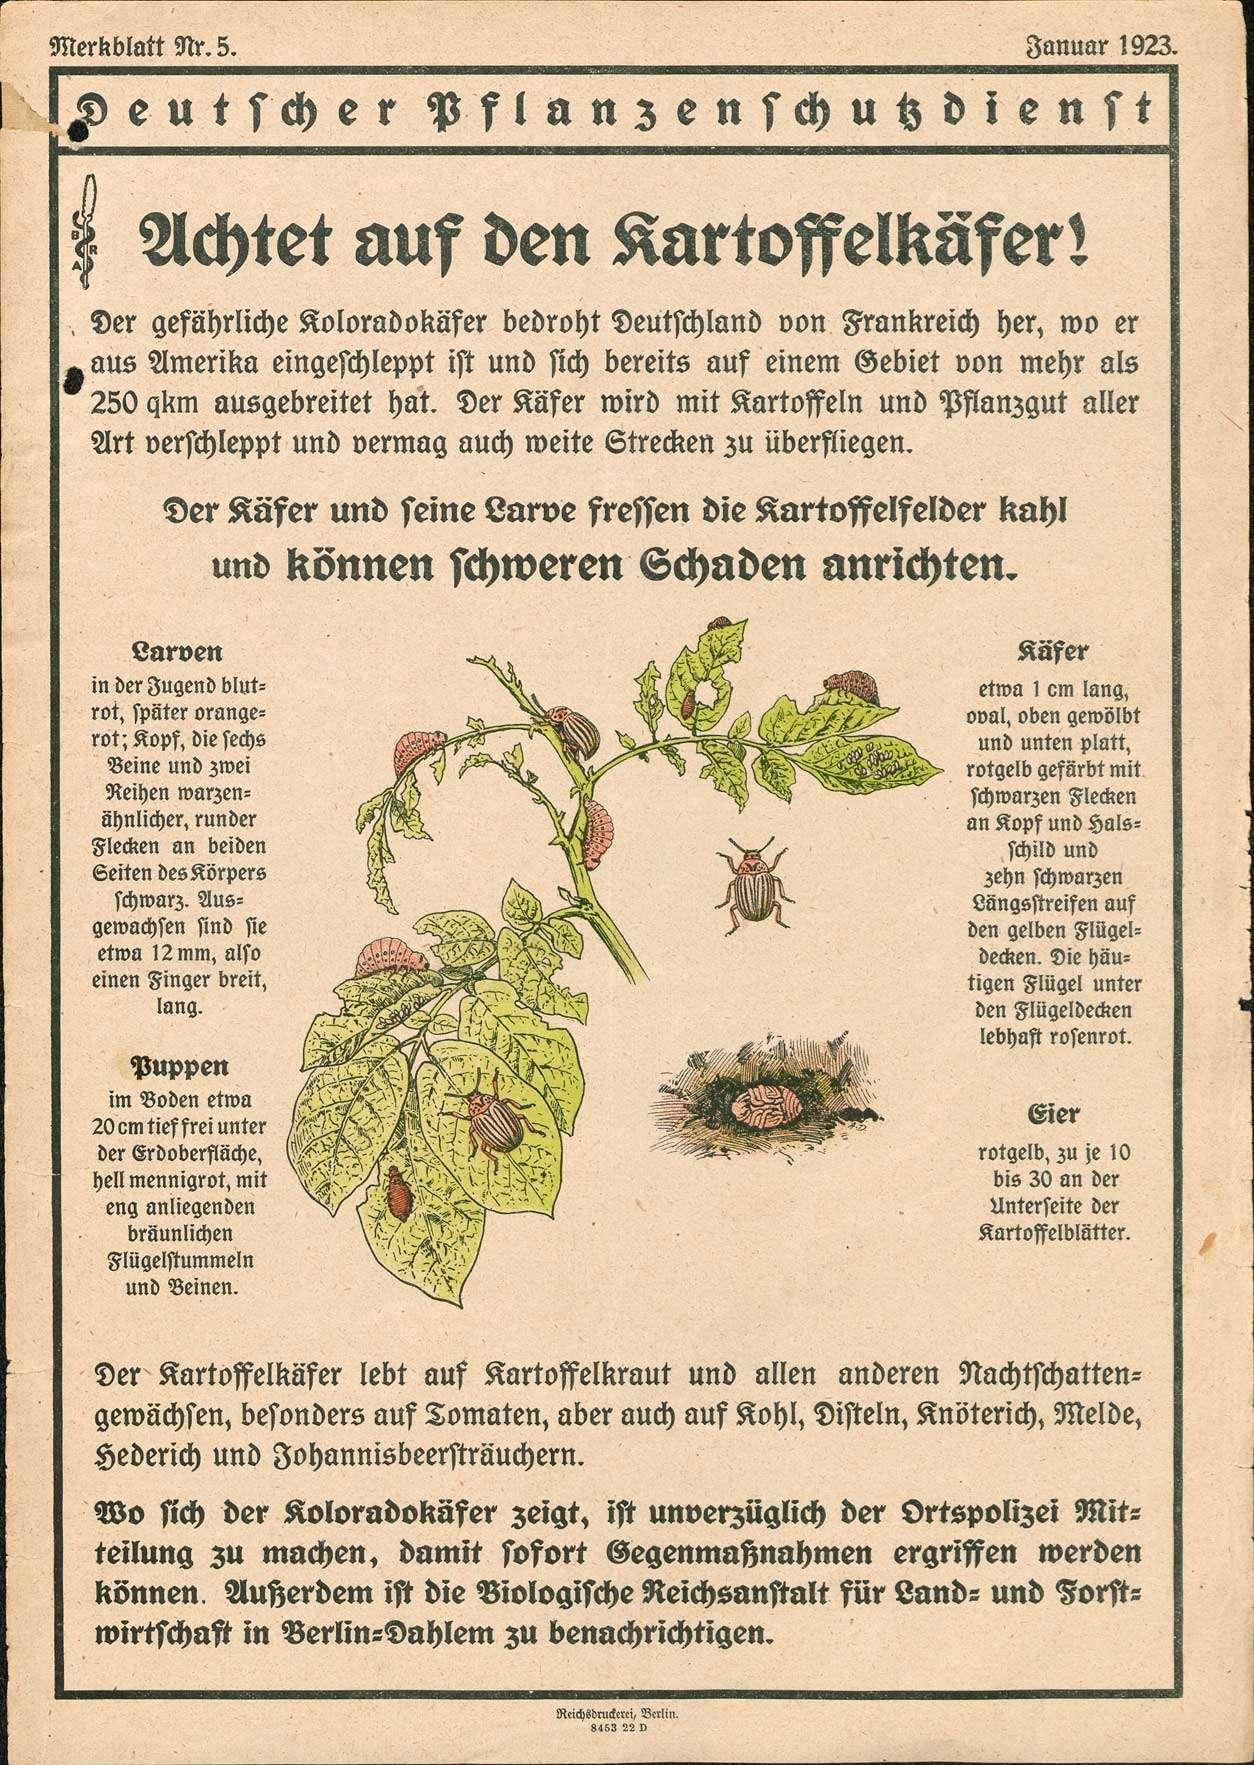 Errichtung einer Organisation für die Beobachtung und Bekämpfung von Pflanzenkrankheiten sowie zur Schädlingsbekämpfung, Bild 1 [Quelle: Landesarchiv BW, StAF B 719/1 Nr. 6172]